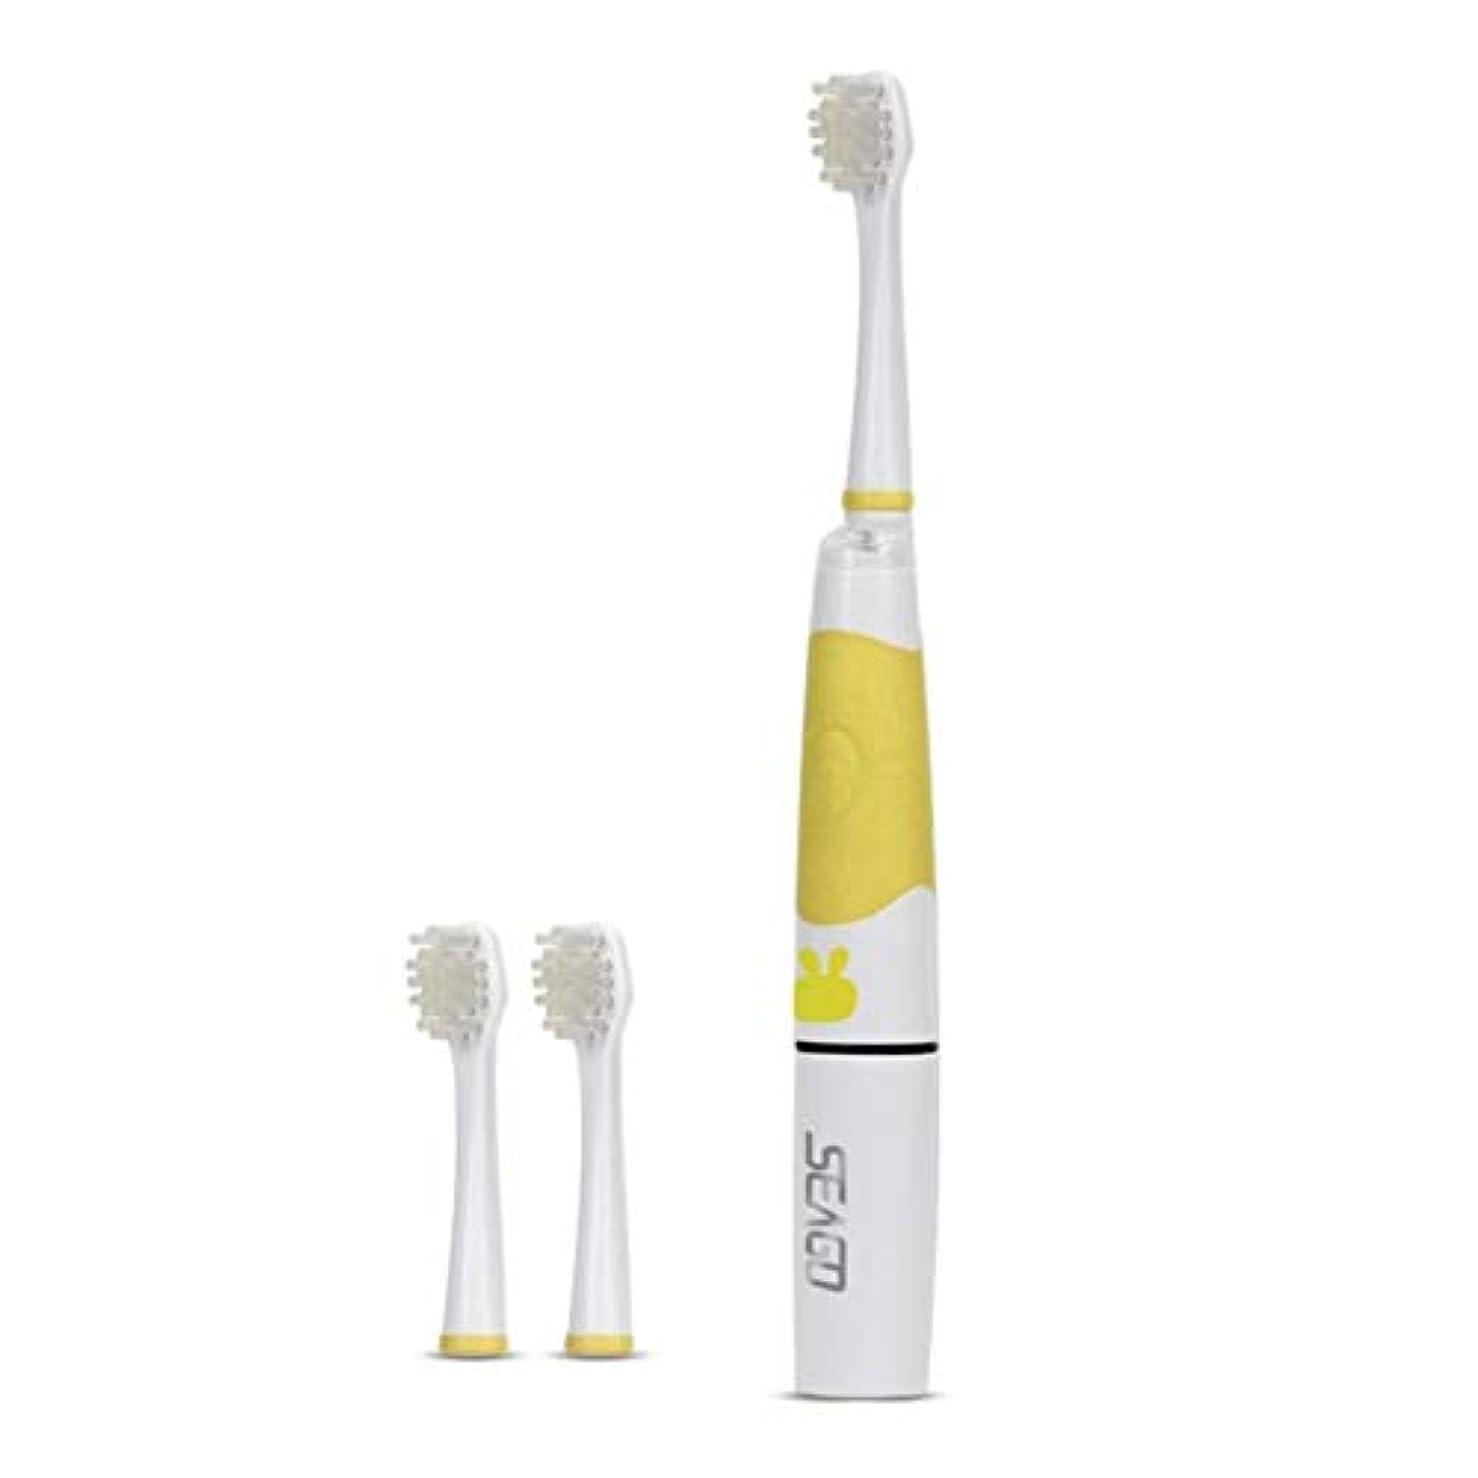 申請者局似ているSOOKi 子供ソニック電動歯ブラシLEDライトキッズソニック歯ブラシスマートリマインダー赤ちゃんの歯ブラシ幼児歯ブラシで余分2交換可能なブラシヘッド用2-7子供,Yellow